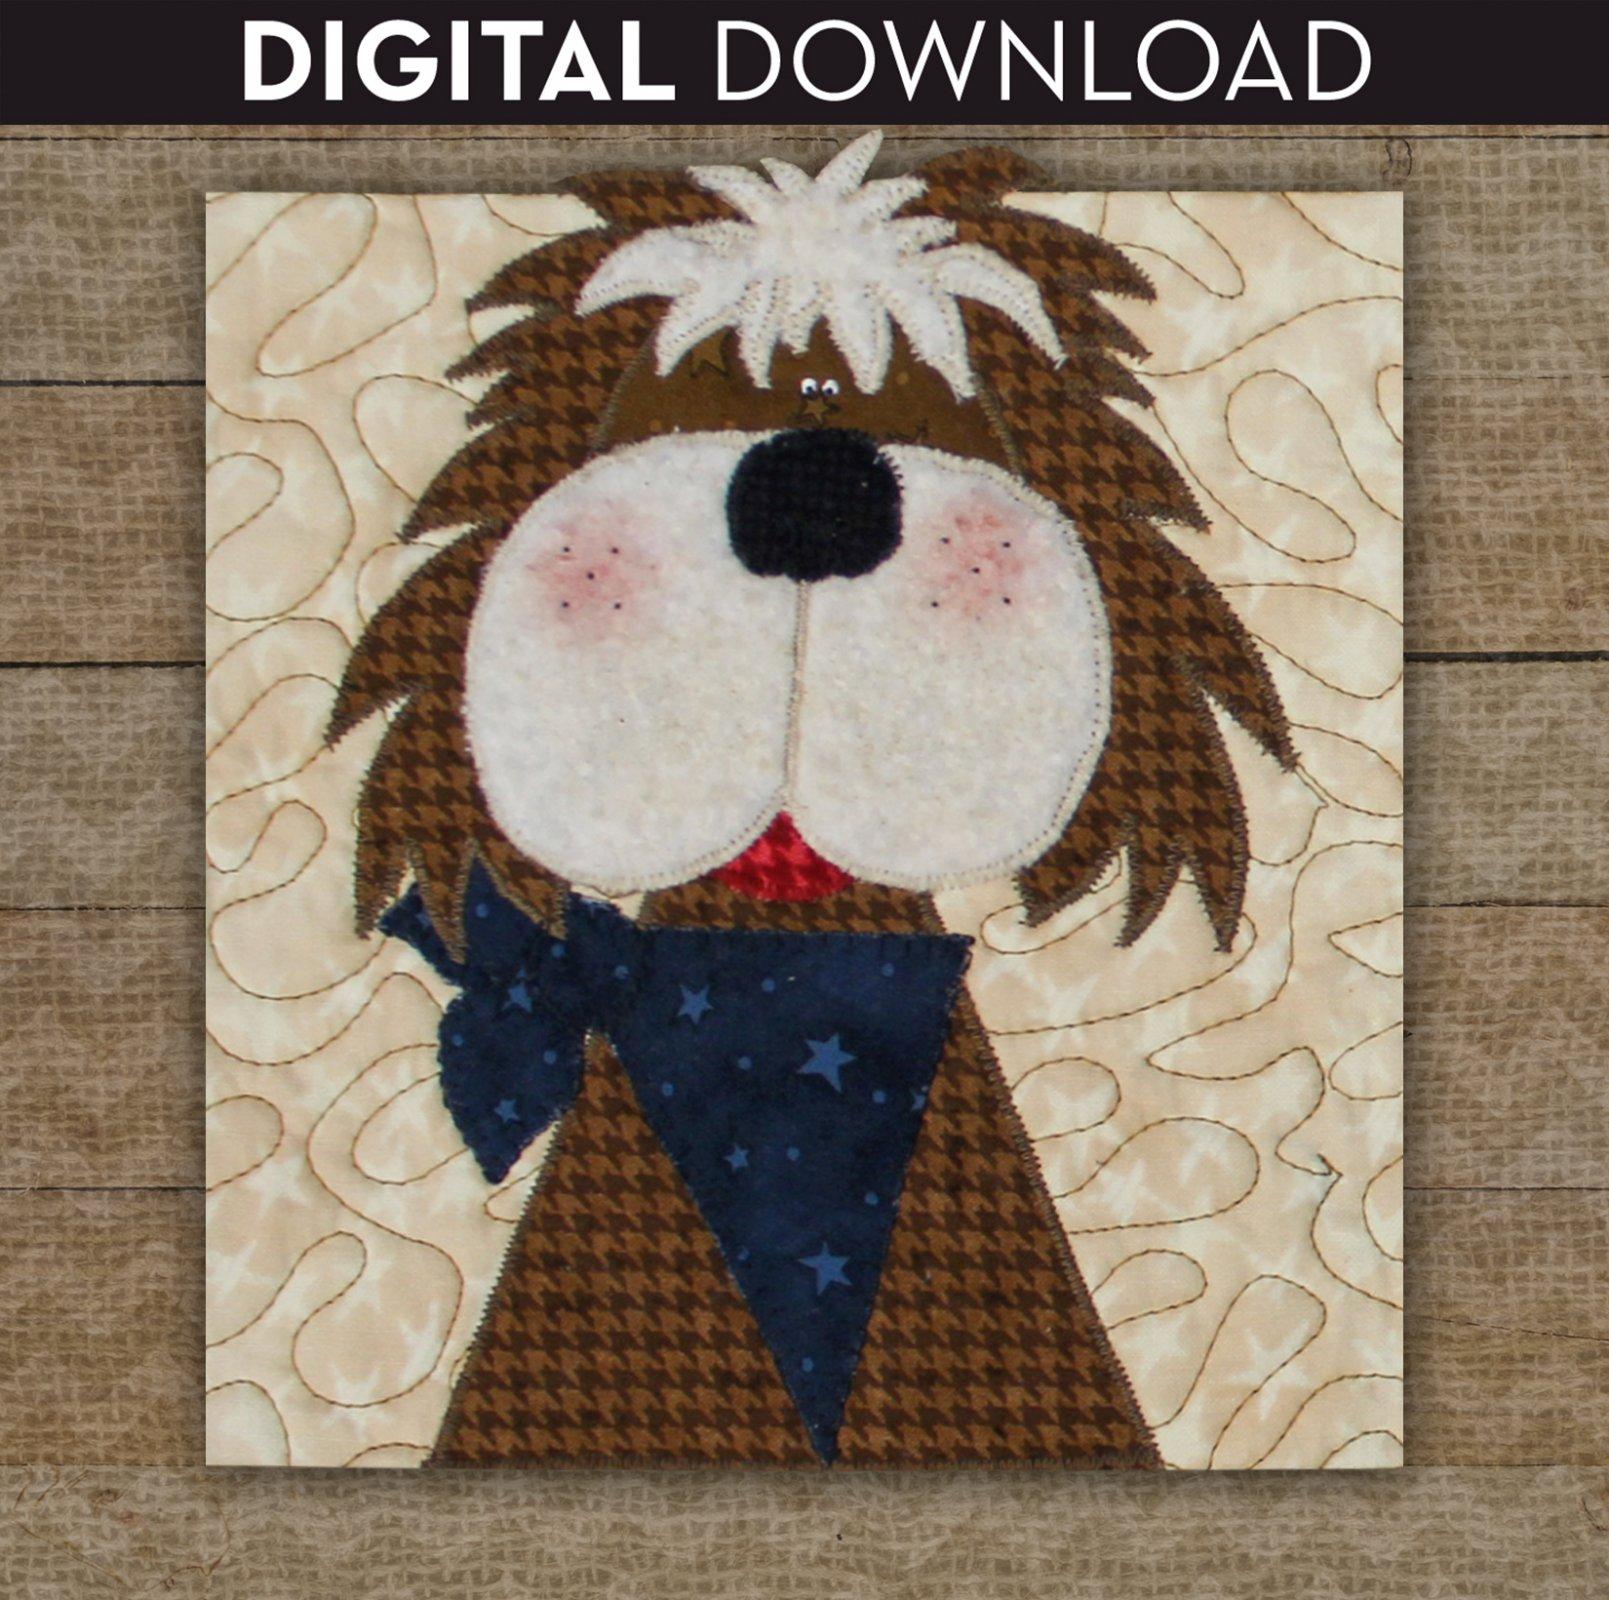 Mutt Dog - Download